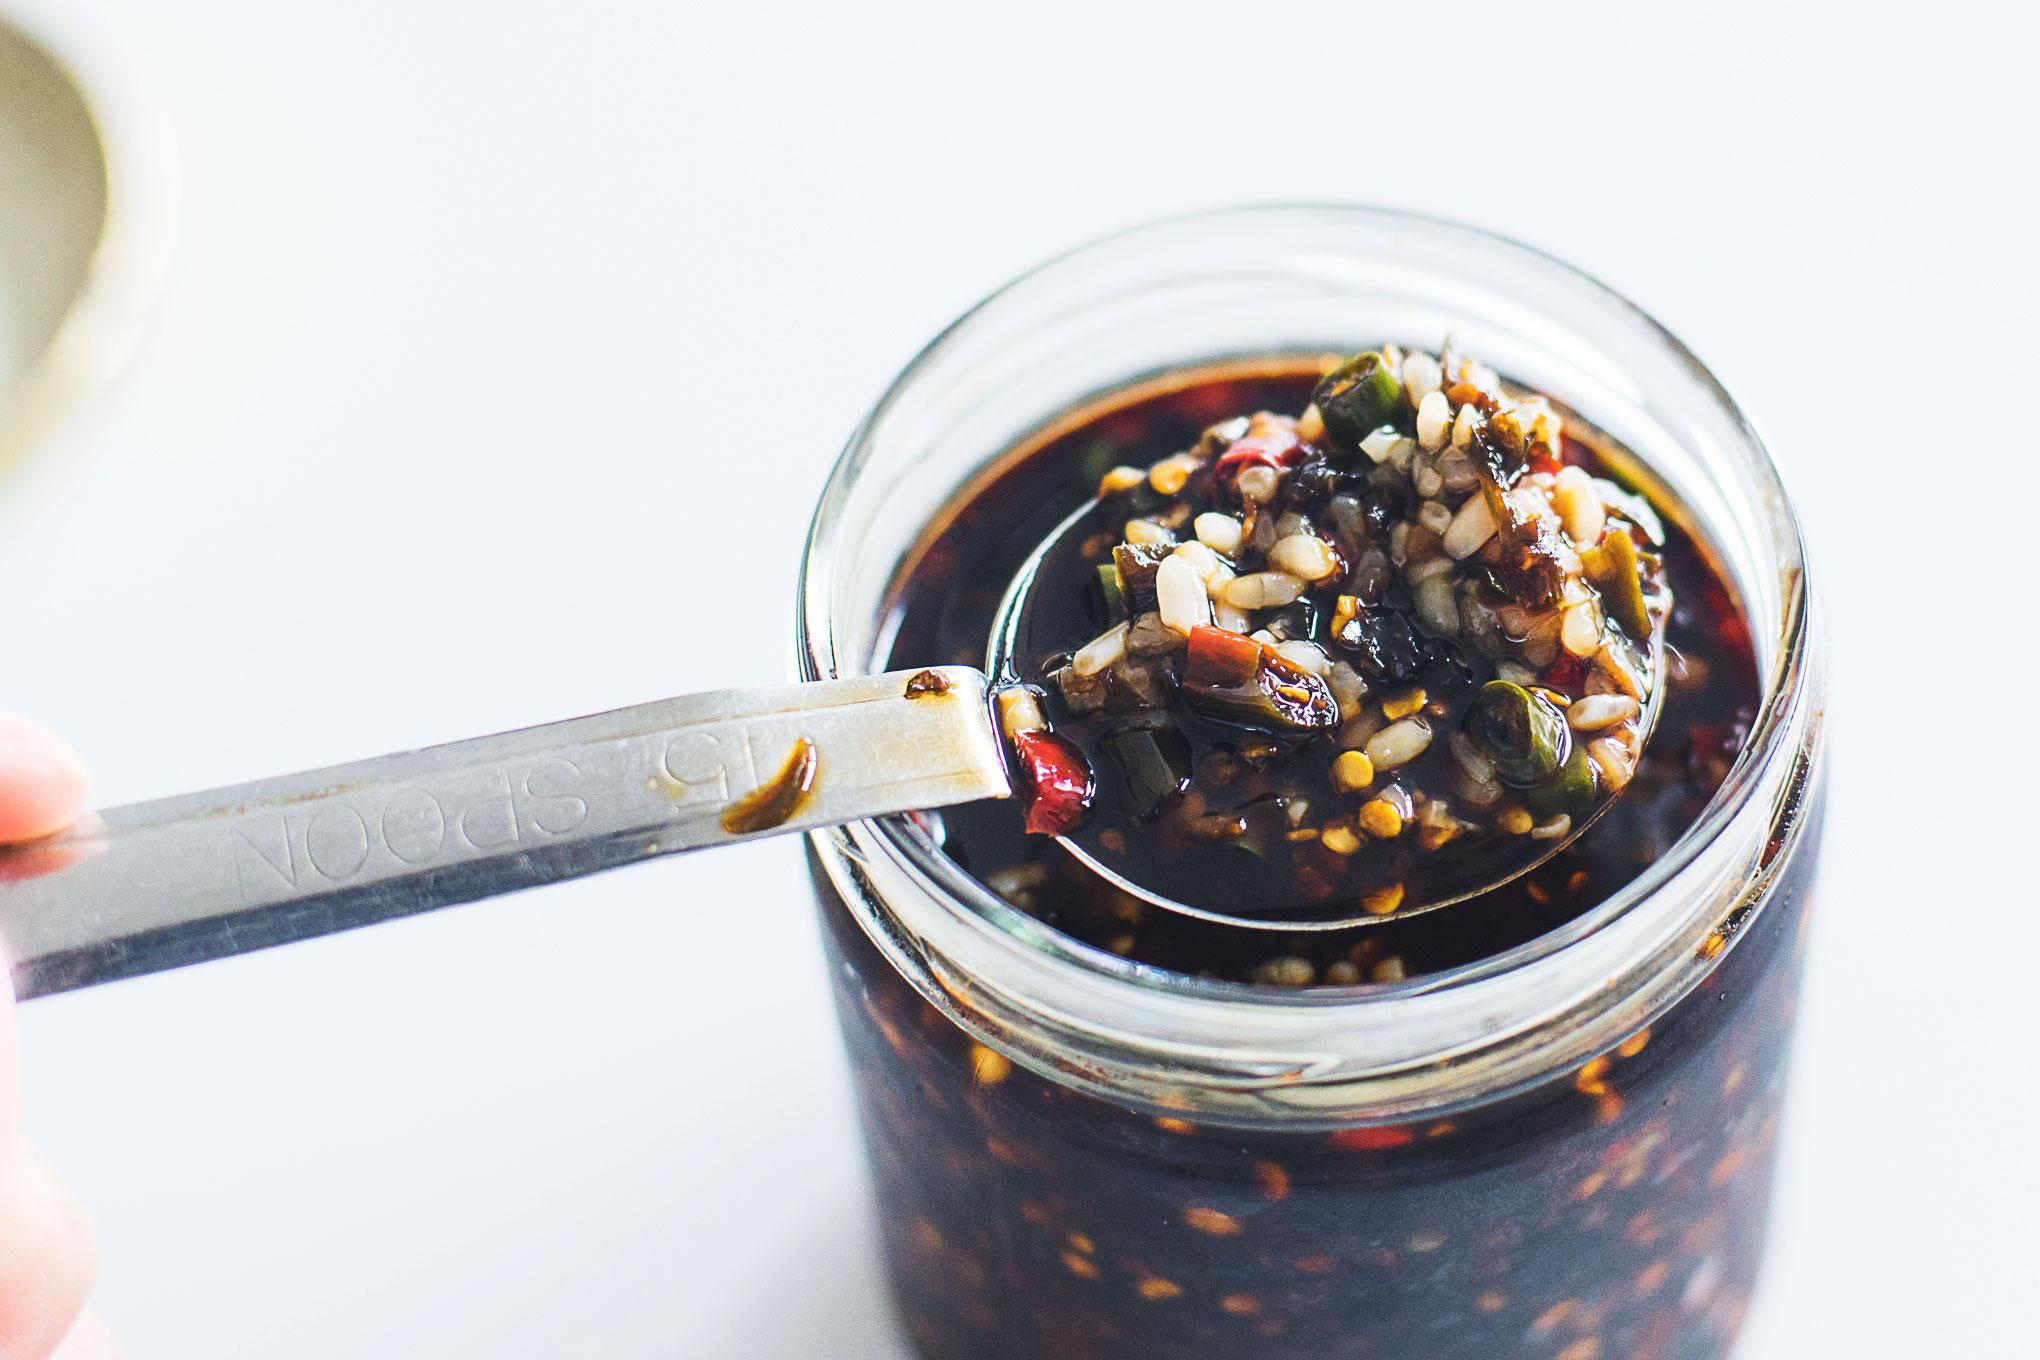 【旨辛】三升漬けを作ってみました。青唐辛子醤油よりさらに美味しい。